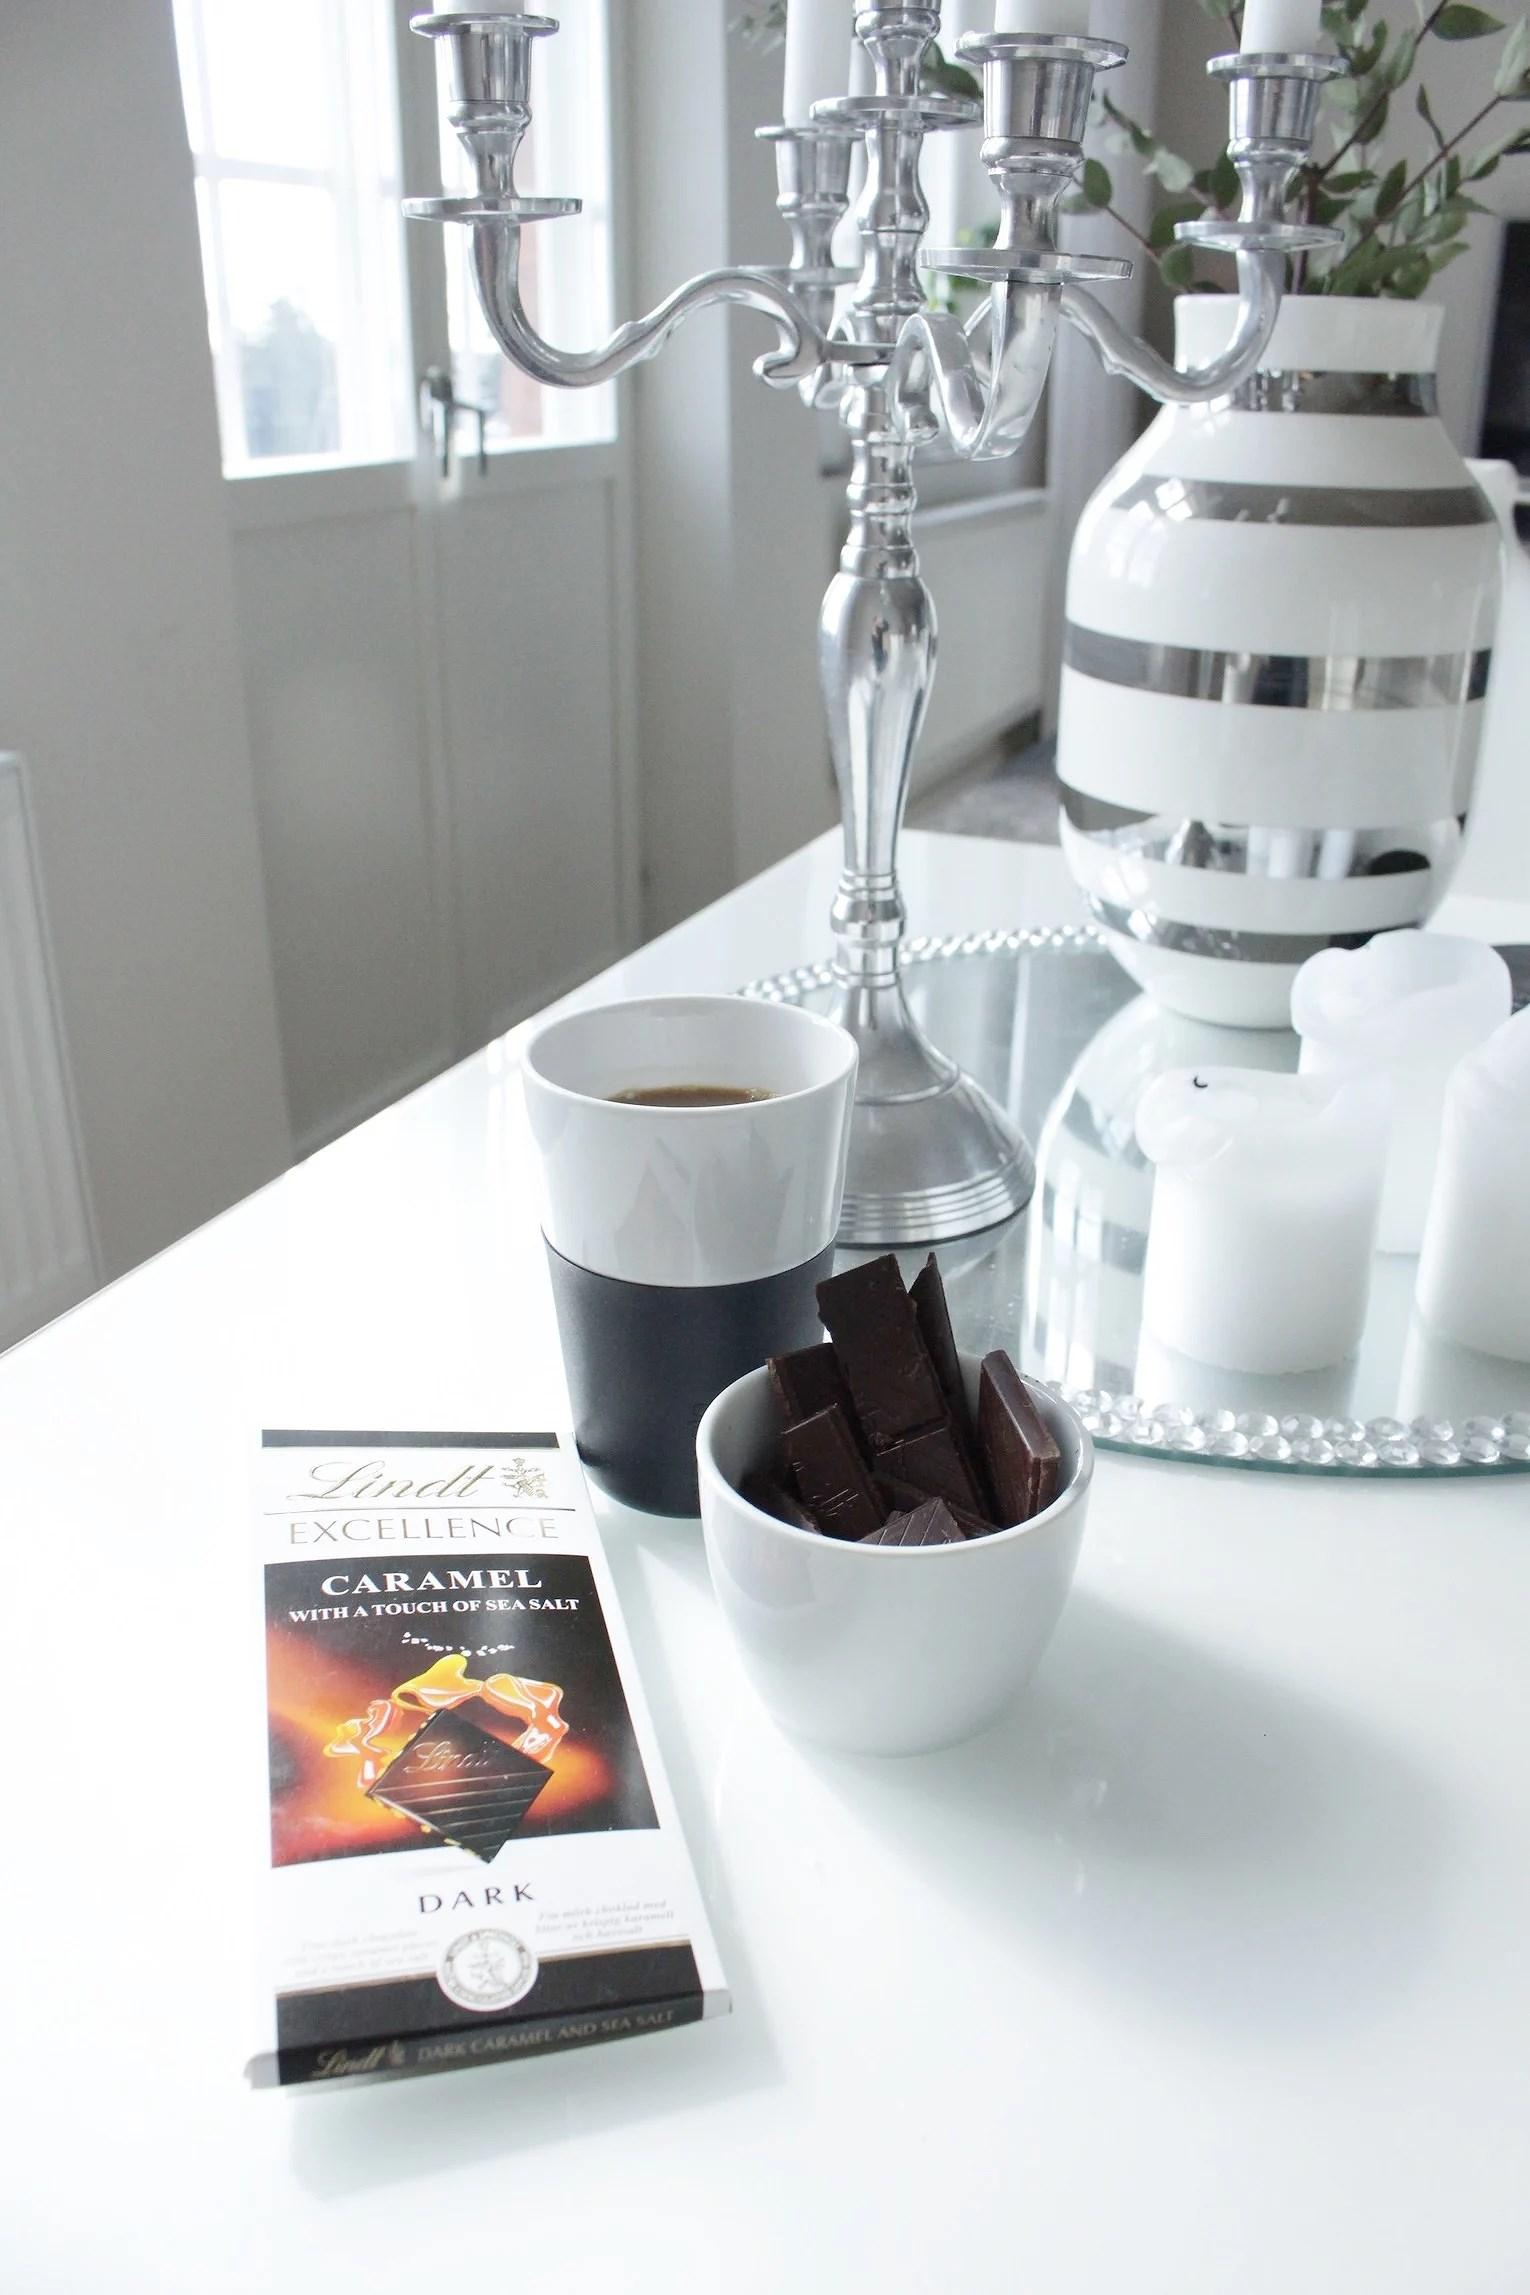 Coffee o' clock